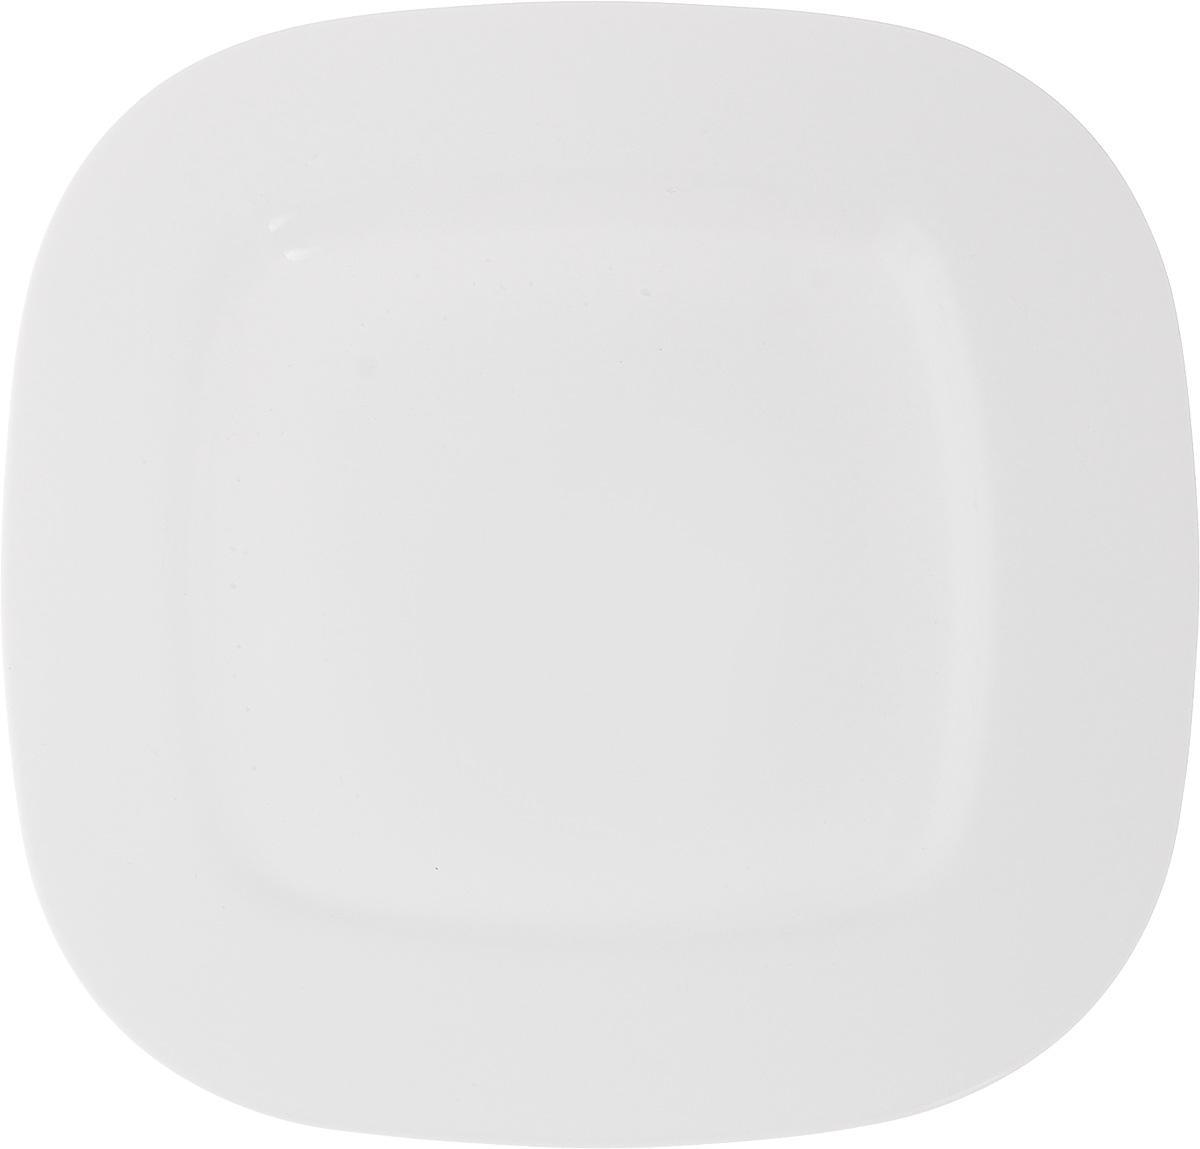 Тарелка десертная Luminarc Squera, 25 х 25 см115510Десертная тарелка Luminarc Squera, изготовленная из ударопрочного стекла, имеет изысканный внешний вид. Такая тарелка прекрасно подходит как для торжественных случаев, так и для повседневного использования. Идеальна для подачи десертов, пирожных, тортов и многого другого. Она прекрасно оформит стол и станет отличным дополнением к вашей коллекции кухонной посуды. Размер тарелки (по верхнему краю): 25 х 25 см.